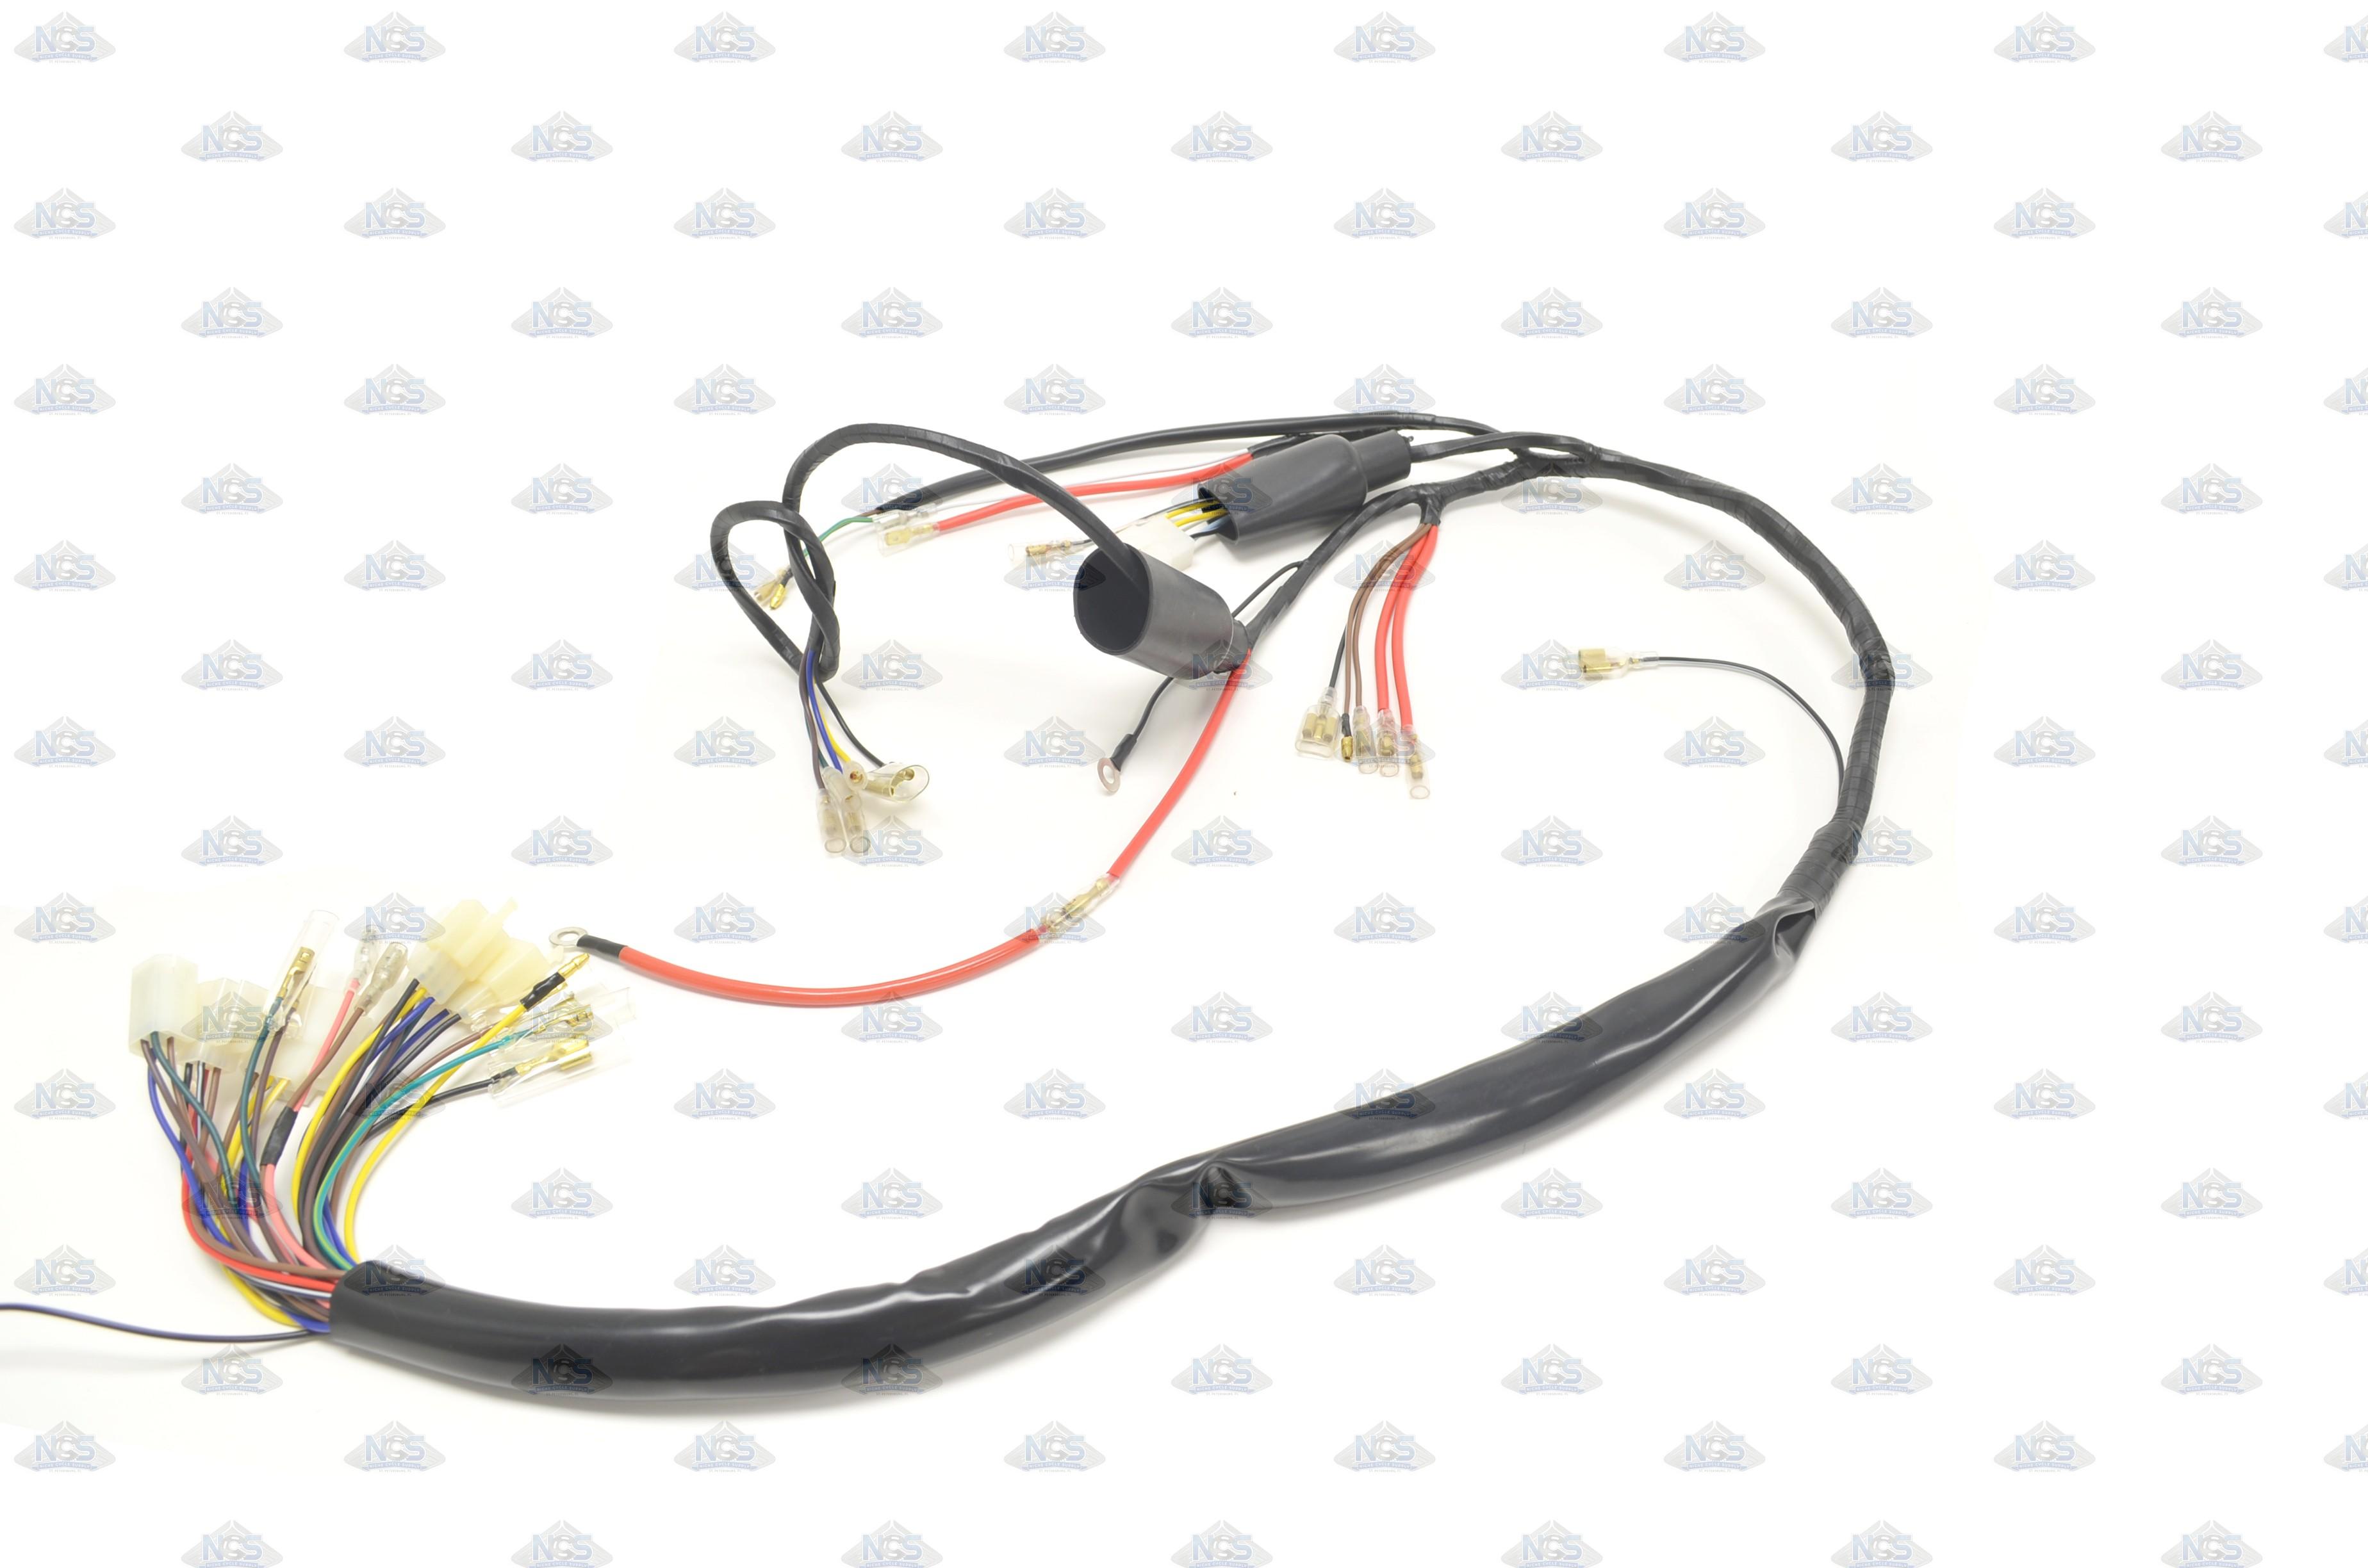 yamaha xt500 1977 wire harness 1d6 yamaha xt500 1977 wire harness yamaha wire harness at honlapkeszites.co